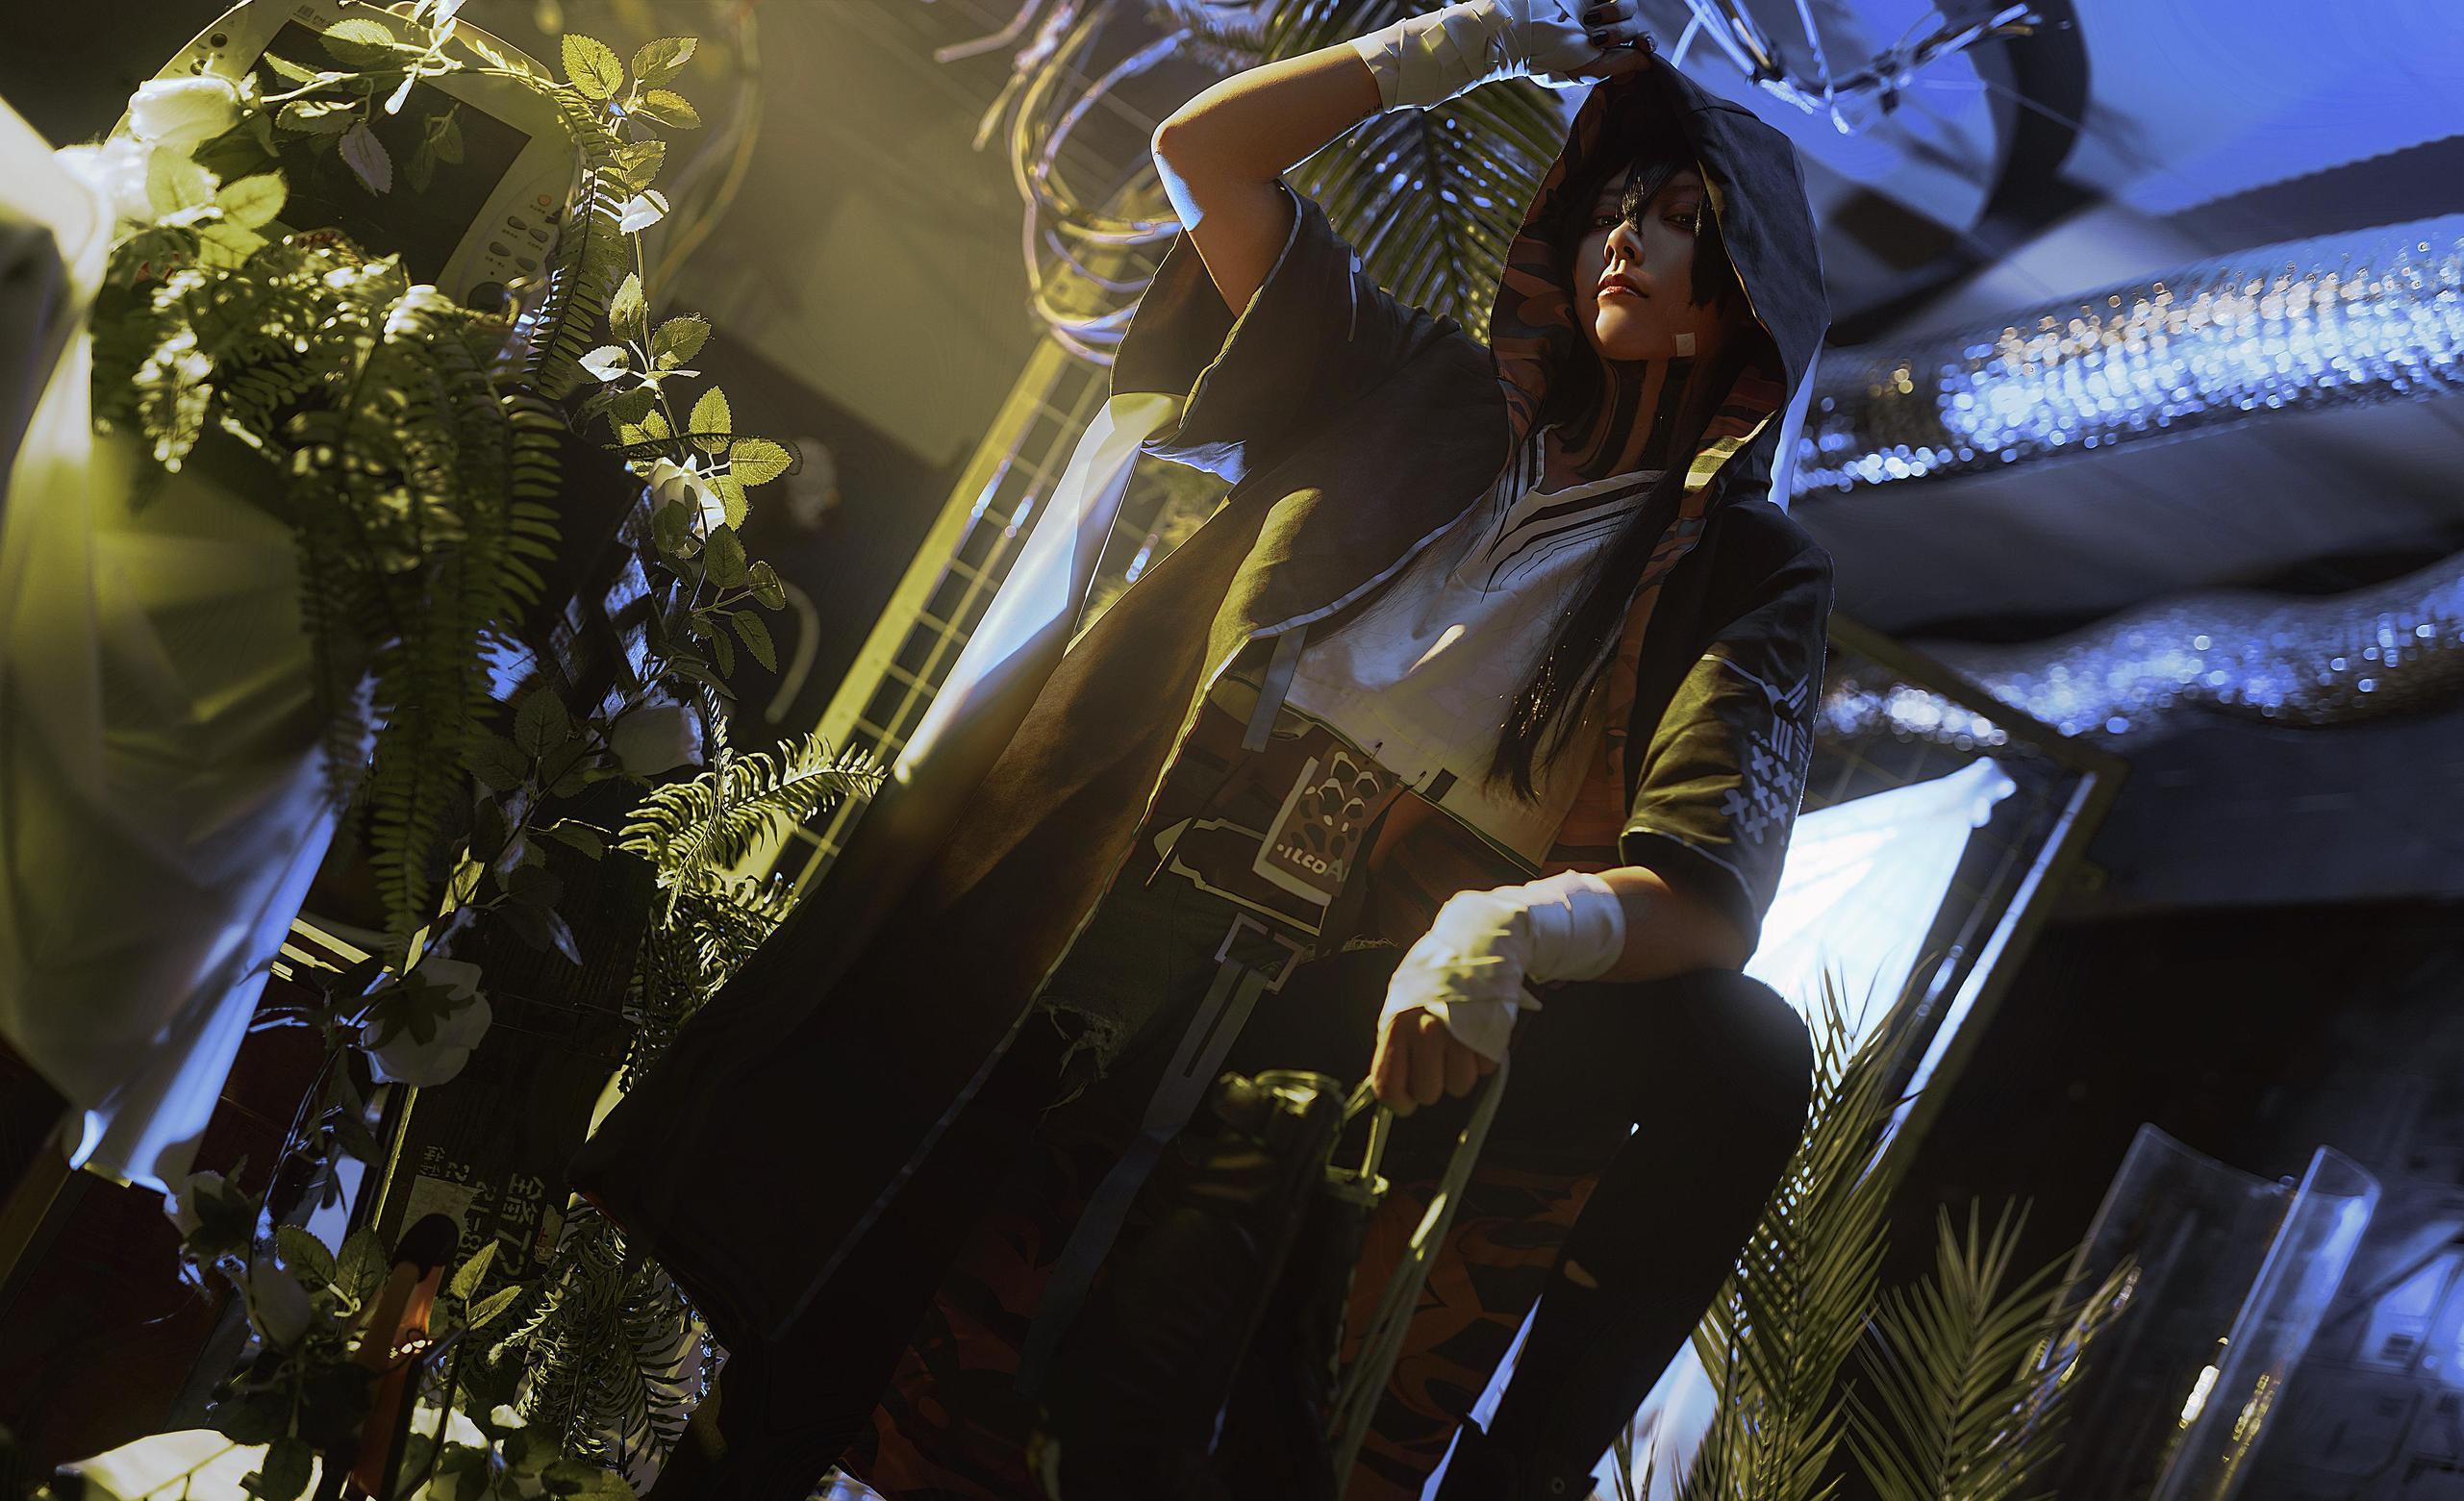 《明日方舟》正片cosplay【CN:阿鹤呀】 -cosplay人图片插图